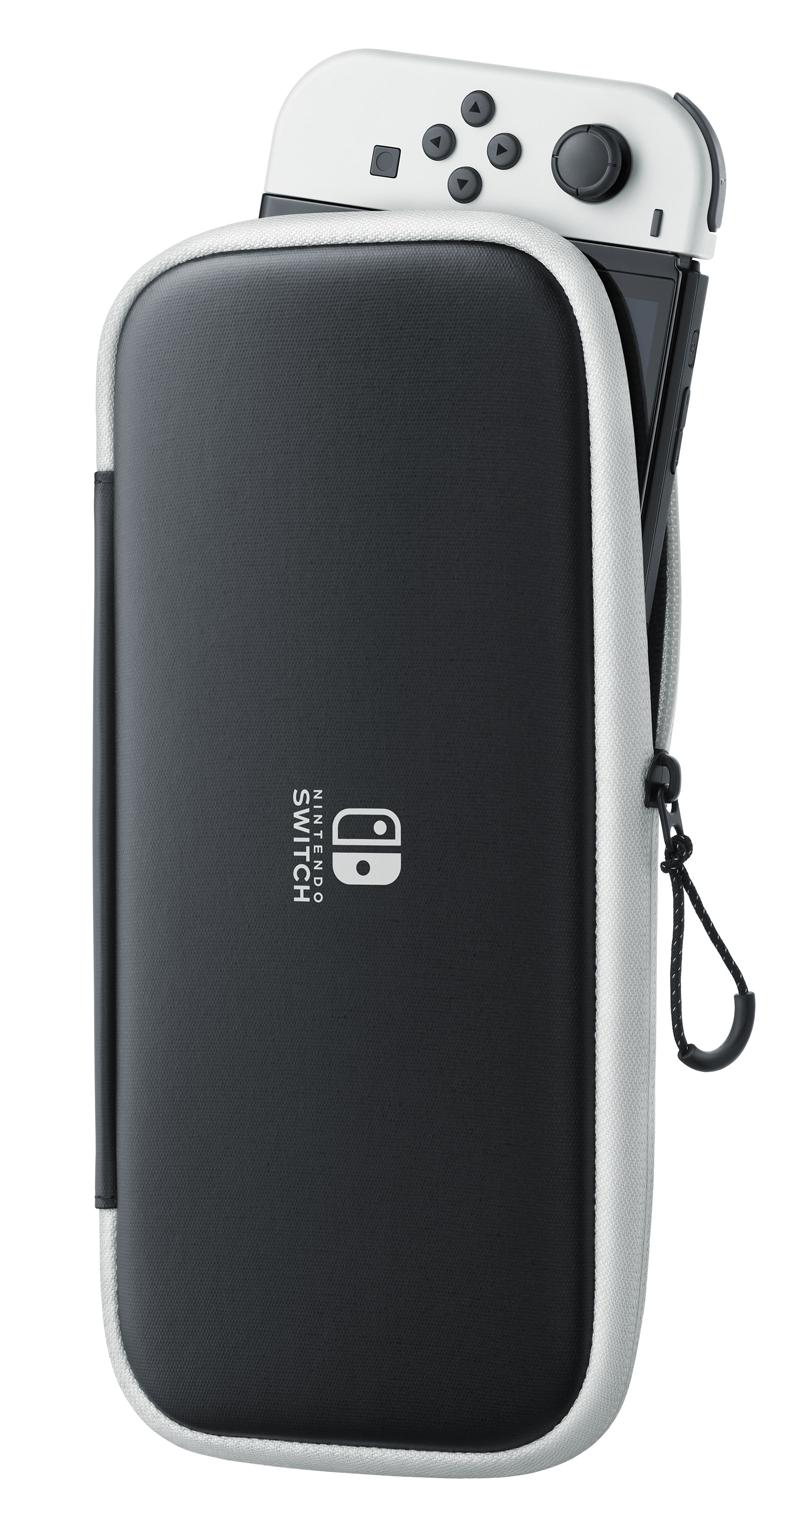 Чехол и защитная плёнка для Nintendo Switch OLED  дополнительное изображение 1